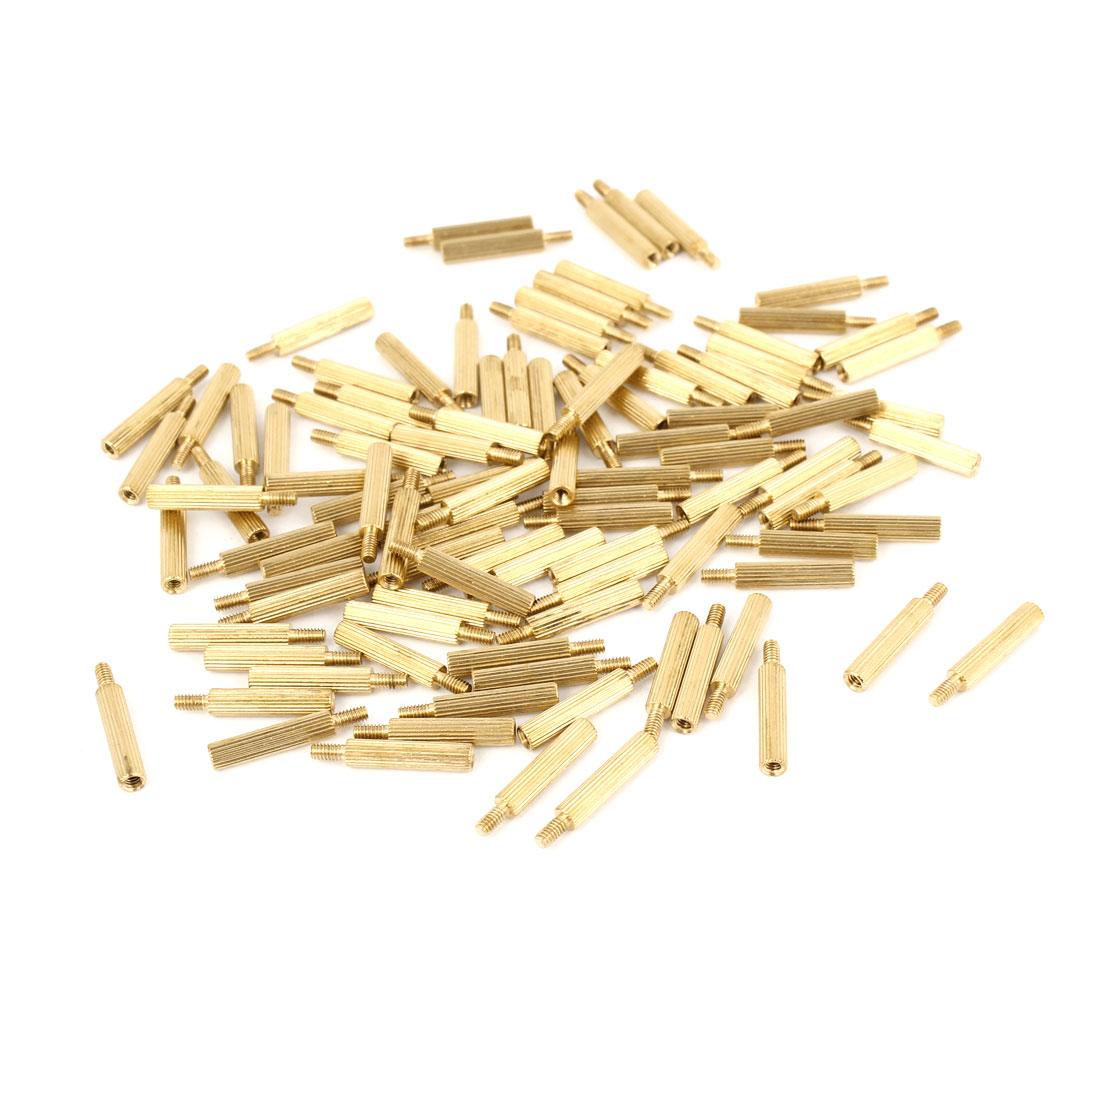 100Pcs Male to Female Thread PCB Board Brass Pillars Standoff M2x14mm